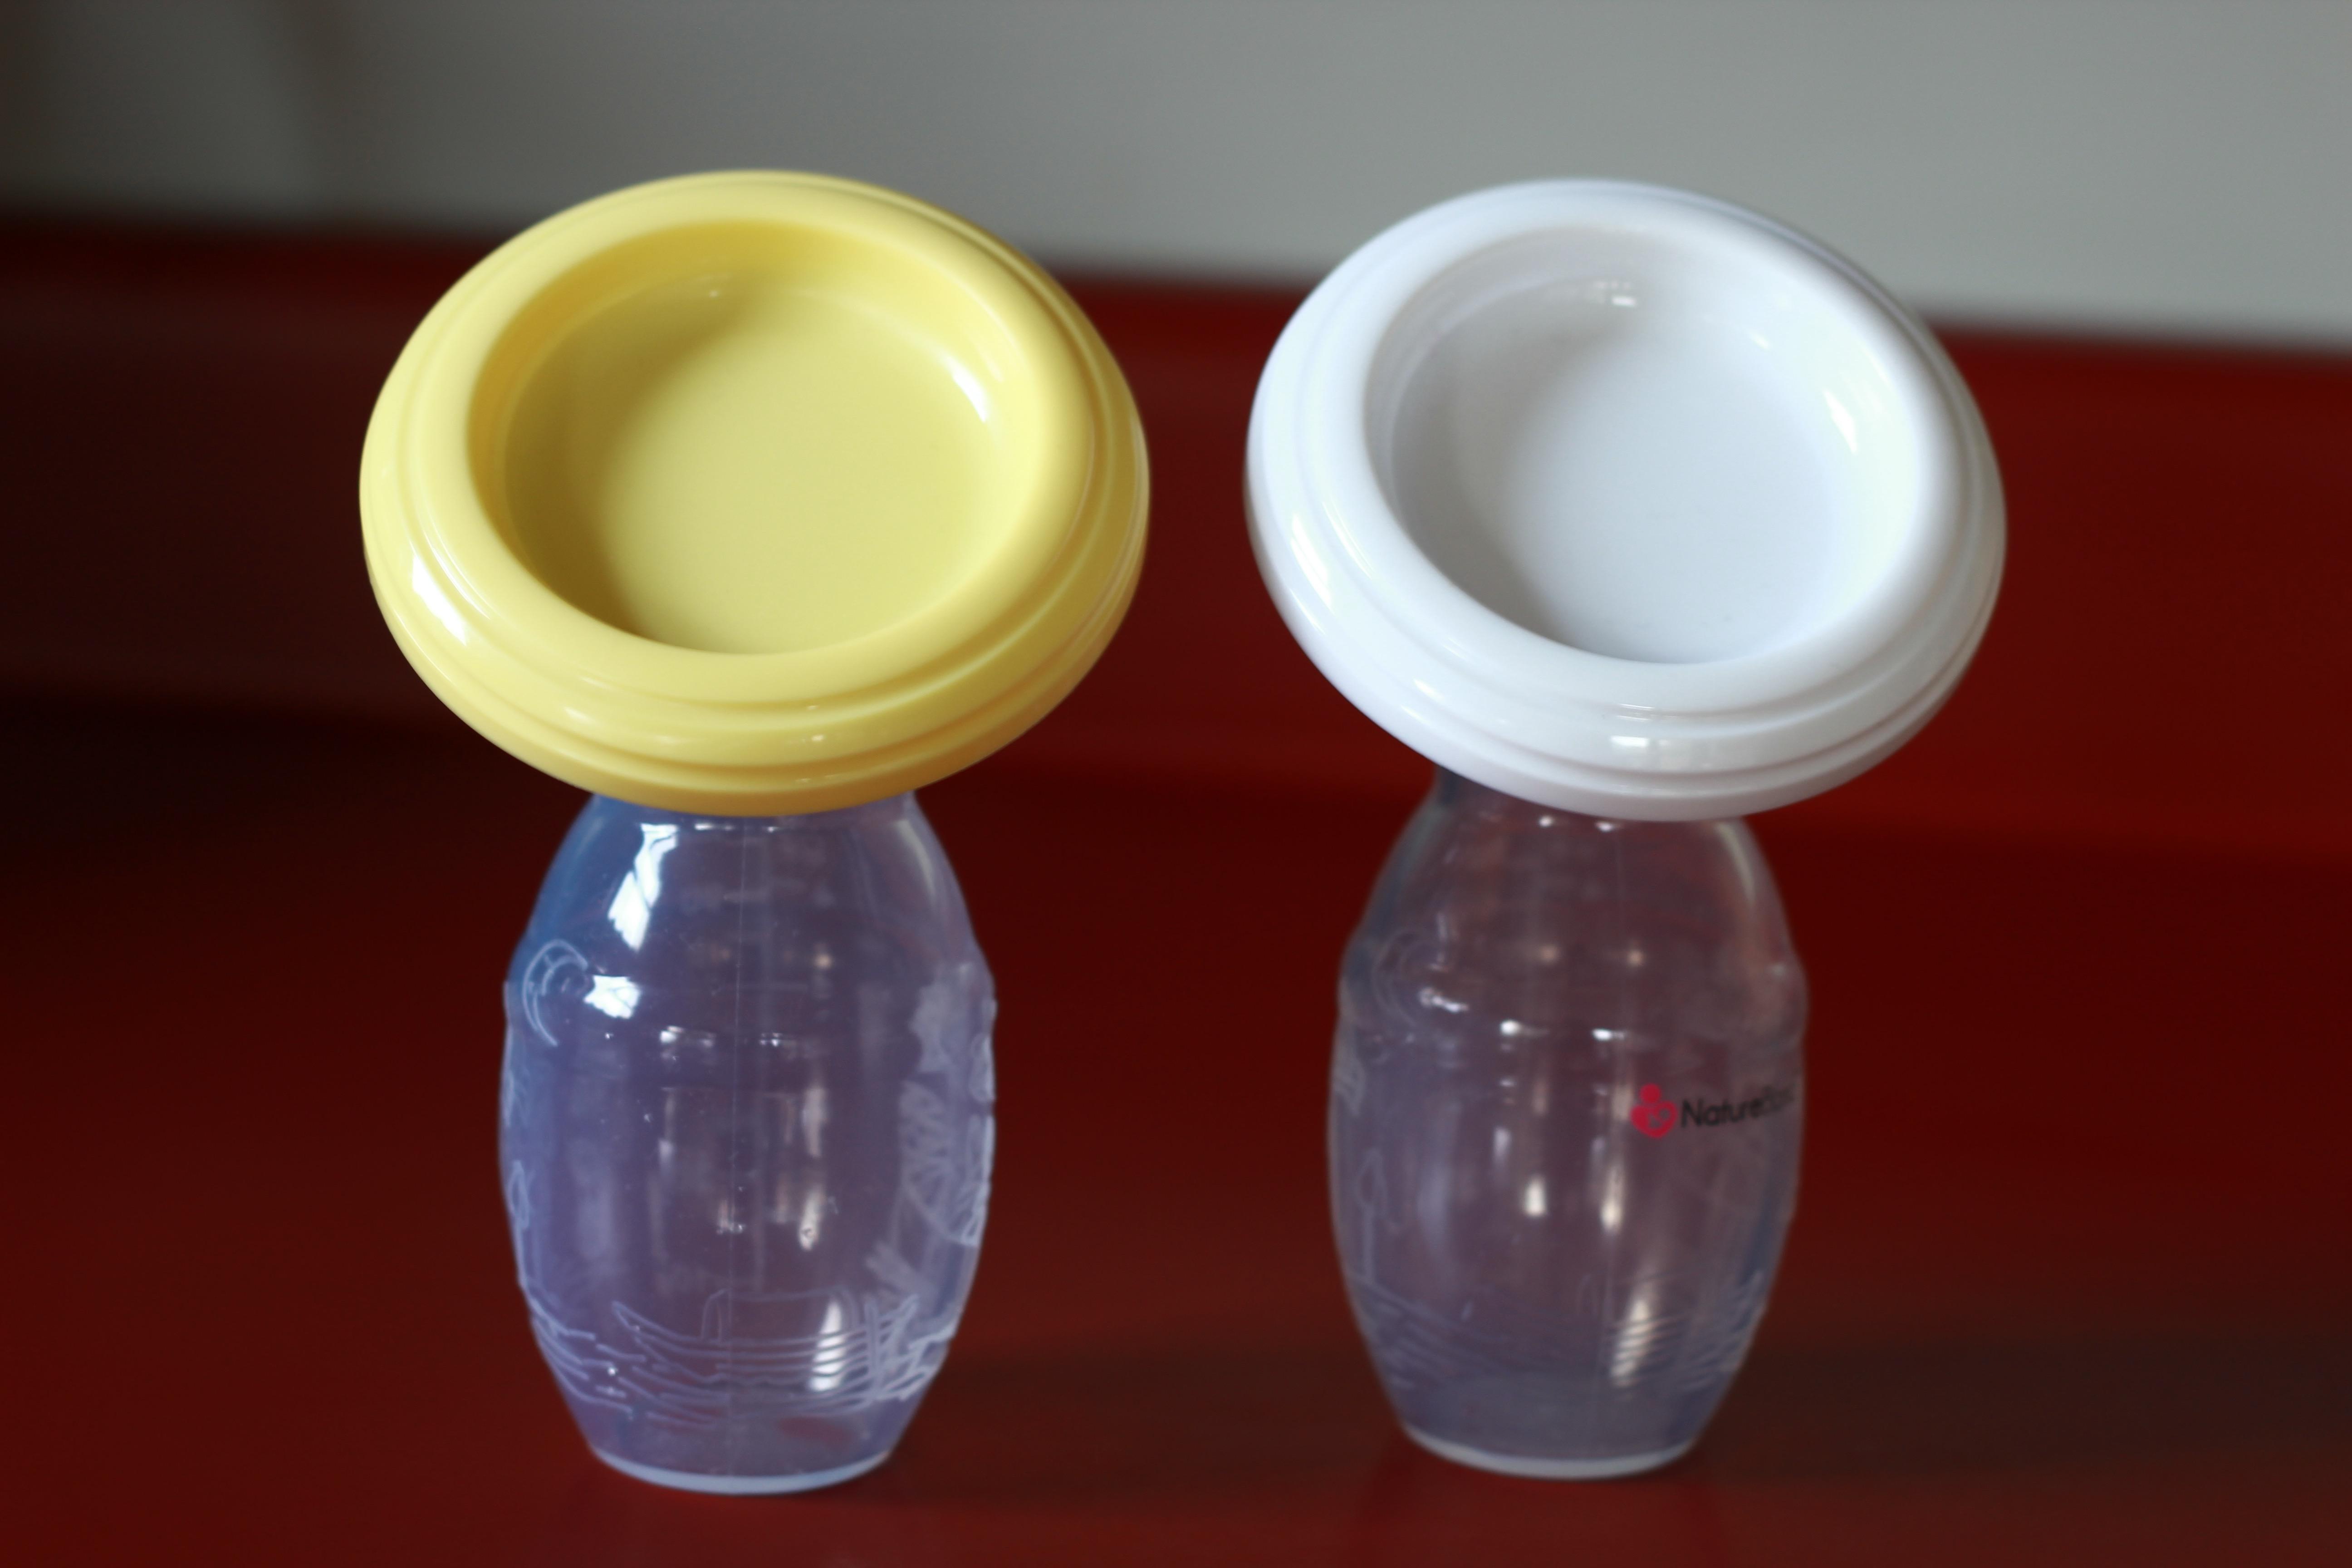 Soft Manual Breast Pumps